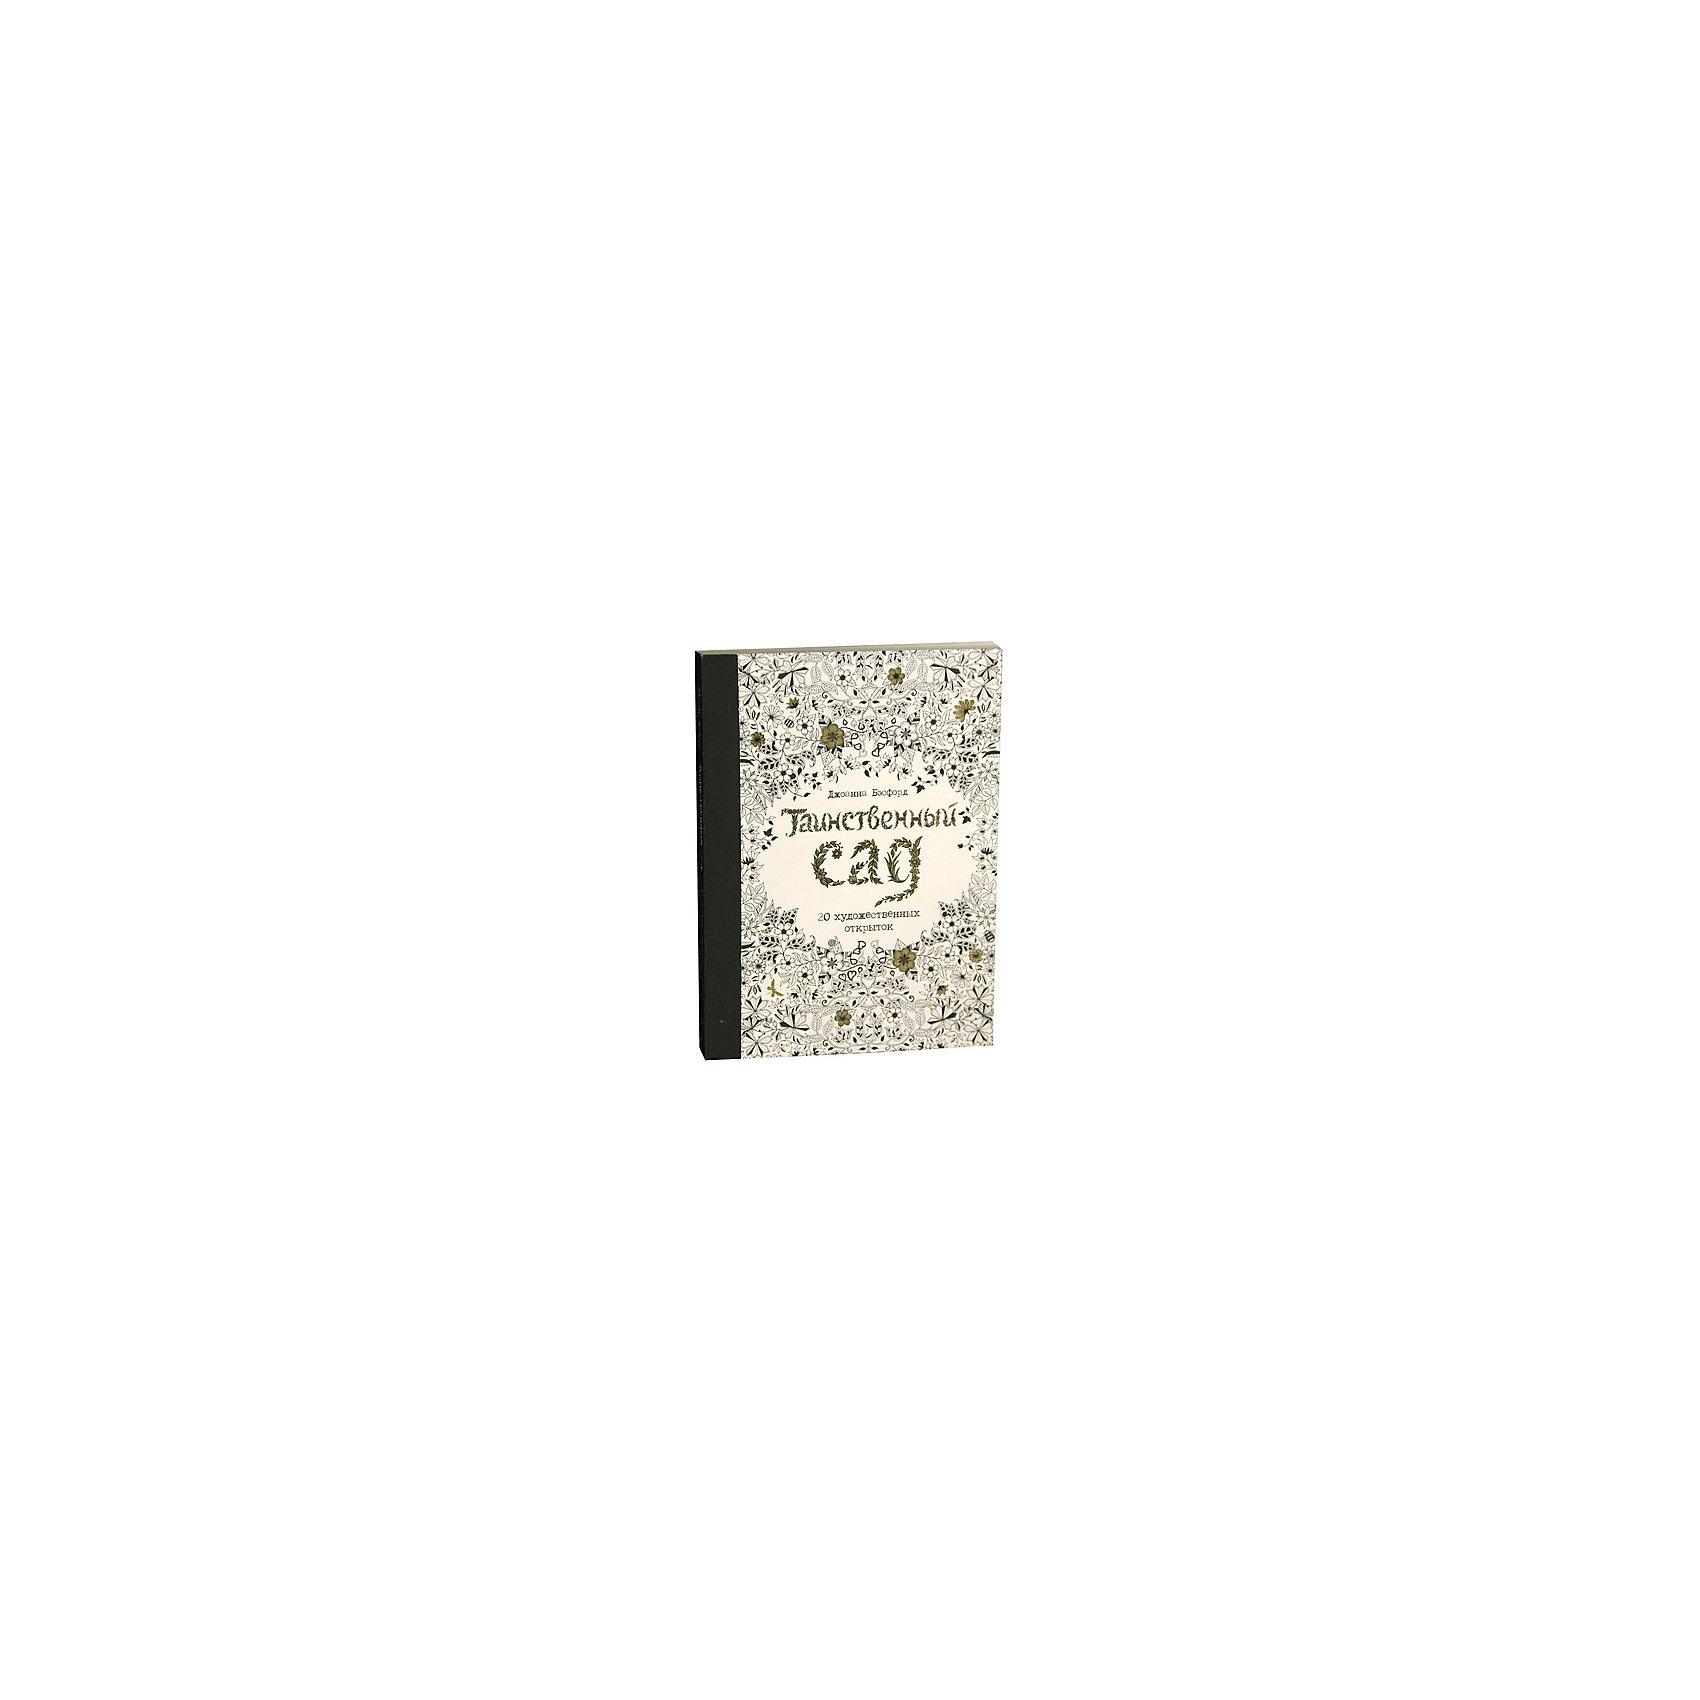 Раскраска-антистресс Таинственный сад, MACHAONРисование<br>Открытки Таинственный сад.<br><br>Характеристики:<br><br>• Автор: Бэсфорд Джоанна<br>• Художник: Бэсфорд Джоанна<br>• Редактор: Фесенко О. Г.<br>• Издательство: КоЛибри<br>• Тип обложки: мягкий переплет (крепление скрепкой или клеем)<br>• Оформление: тиснение золотом<br>• Иллюстрации: черно-белые<br>• Количество страниц: 40 (картон)<br>• 20 художественных открыток<br>• Размер: 165x120х11 мм.<br>• Вес: 172 гр.<br>• ISBN: 9785389106284<br><br>Раскраски для взрослых завоевали мир! Волшебное, вдохновляющее путешествие от дневных забот в мир творчества. Работы Джоанны Бэсфорд случайно нашла редактор английского издательства LAURENCE KING и обратила внимания на восторженные отзывы в блоге художницы. Так родилась идея создания оригинальной раскраски для взрослых. Выпустив книгу и поверив в успех, издатель не ошибся. За несколько месяцев «Таинственный сад» был продан тиражом более 1 000 000 экз. Настоящим открытием и синонимом успеха стал новый тренд, который определил и новый вид книжной продукции – раскраски для взрослых. Вместе с популярным увлечением, который не случайно называют арт-терапия, мир получил и королеву этого направления – Джоанну Бэсфорд. Добро пожаловать в Таинственный сад! Эти изящные ажурные картинки созданы с помощью пера. Вдохни в них жизнь, сделай многоцветными, оживи красками. Это утешение души и удивительная возможность изысканного и стильного творчества. Таинственный сад ждет своего создателя!<br><br>Книгу Открытки Таинственный сад можно купить в нашем интернет-магазине.<br><br>Ширина мм: 165<br>Глубина мм: 120<br>Высота мм: 110<br>Вес г: 172<br>Возраст от месяцев: 144<br>Возраст до месяцев: 2147483647<br>Пол: Унисекс<br>Возраст: Детский<br>SKU: 5493532